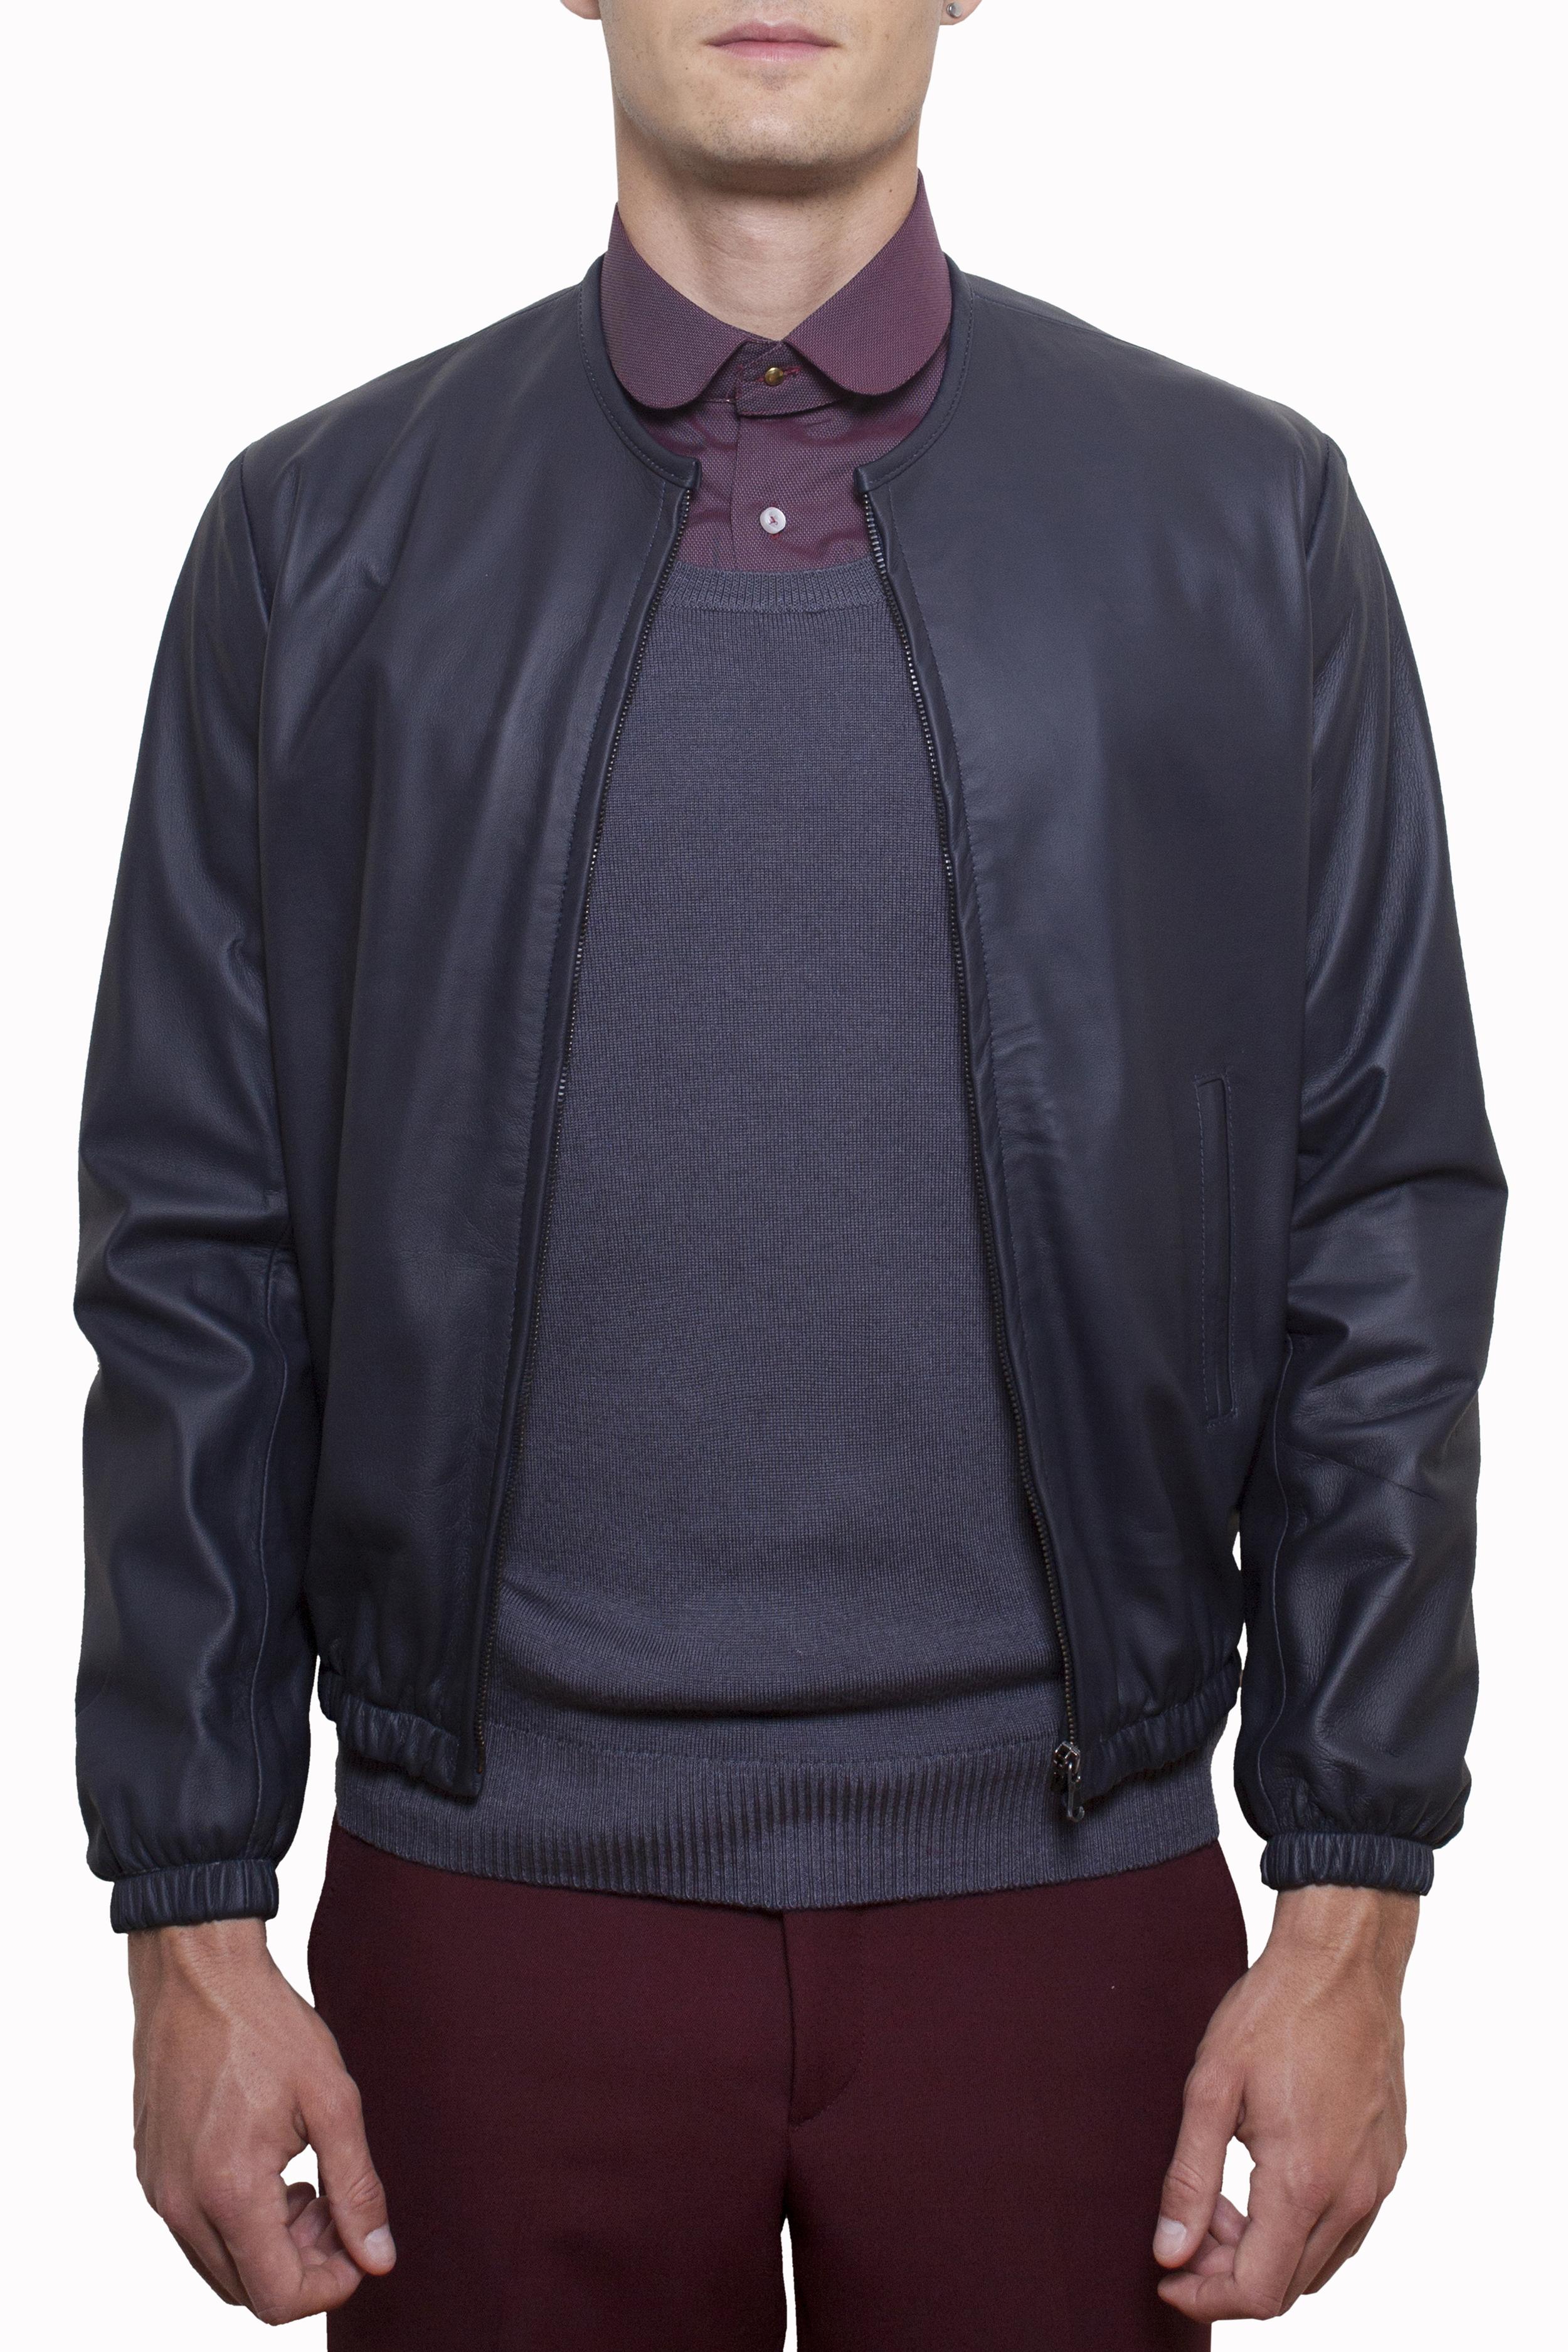 leatherBLUE1.jpg